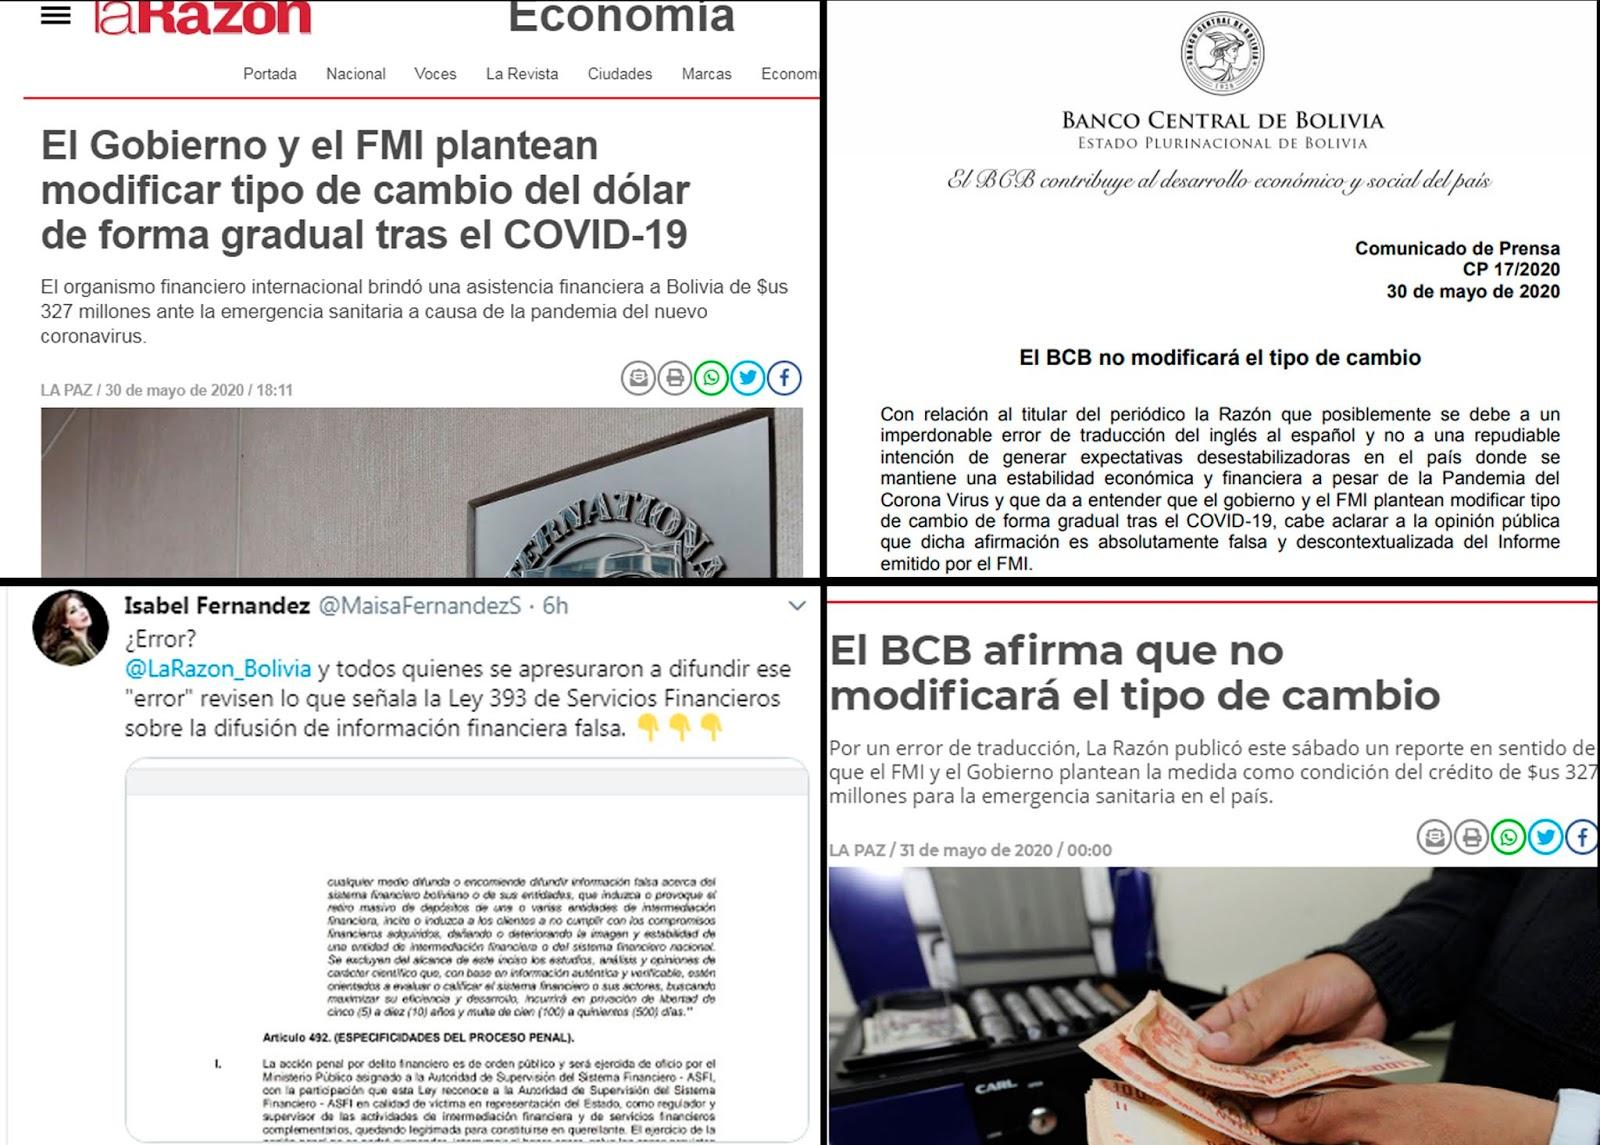 El lío mediático provocado por una fake new en el Gobierno, el FMI y el BCB / MONTAJE